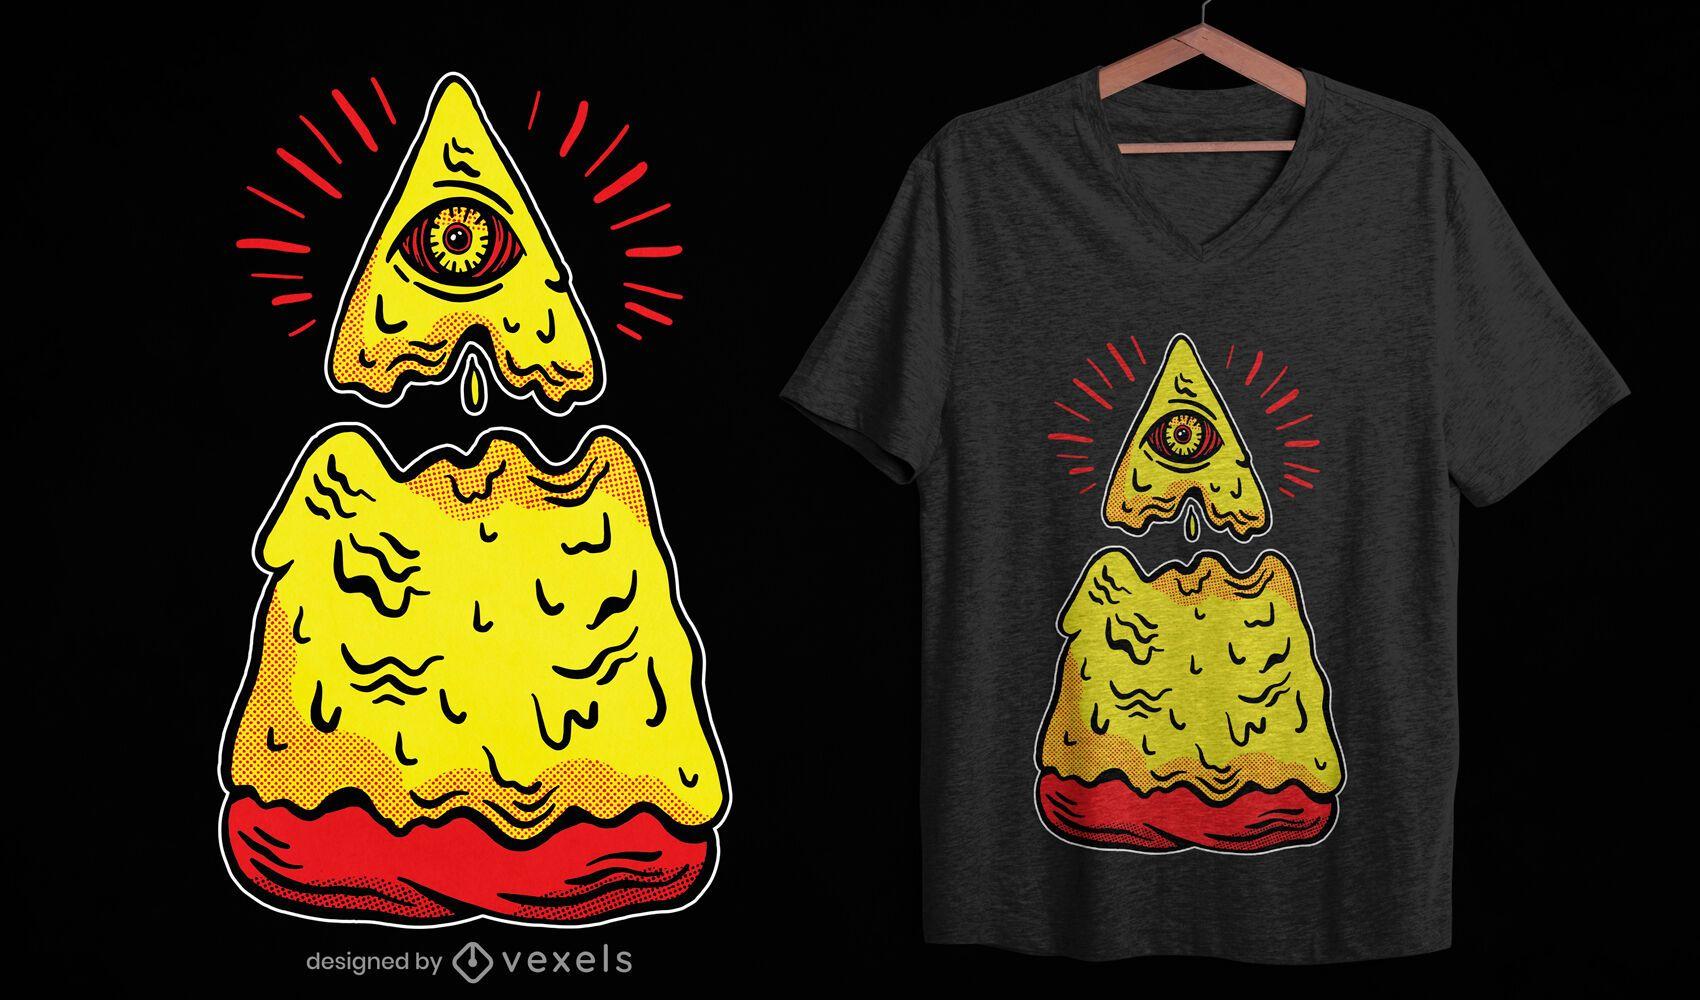 Diseño de camiseta de pizza slice illuminati